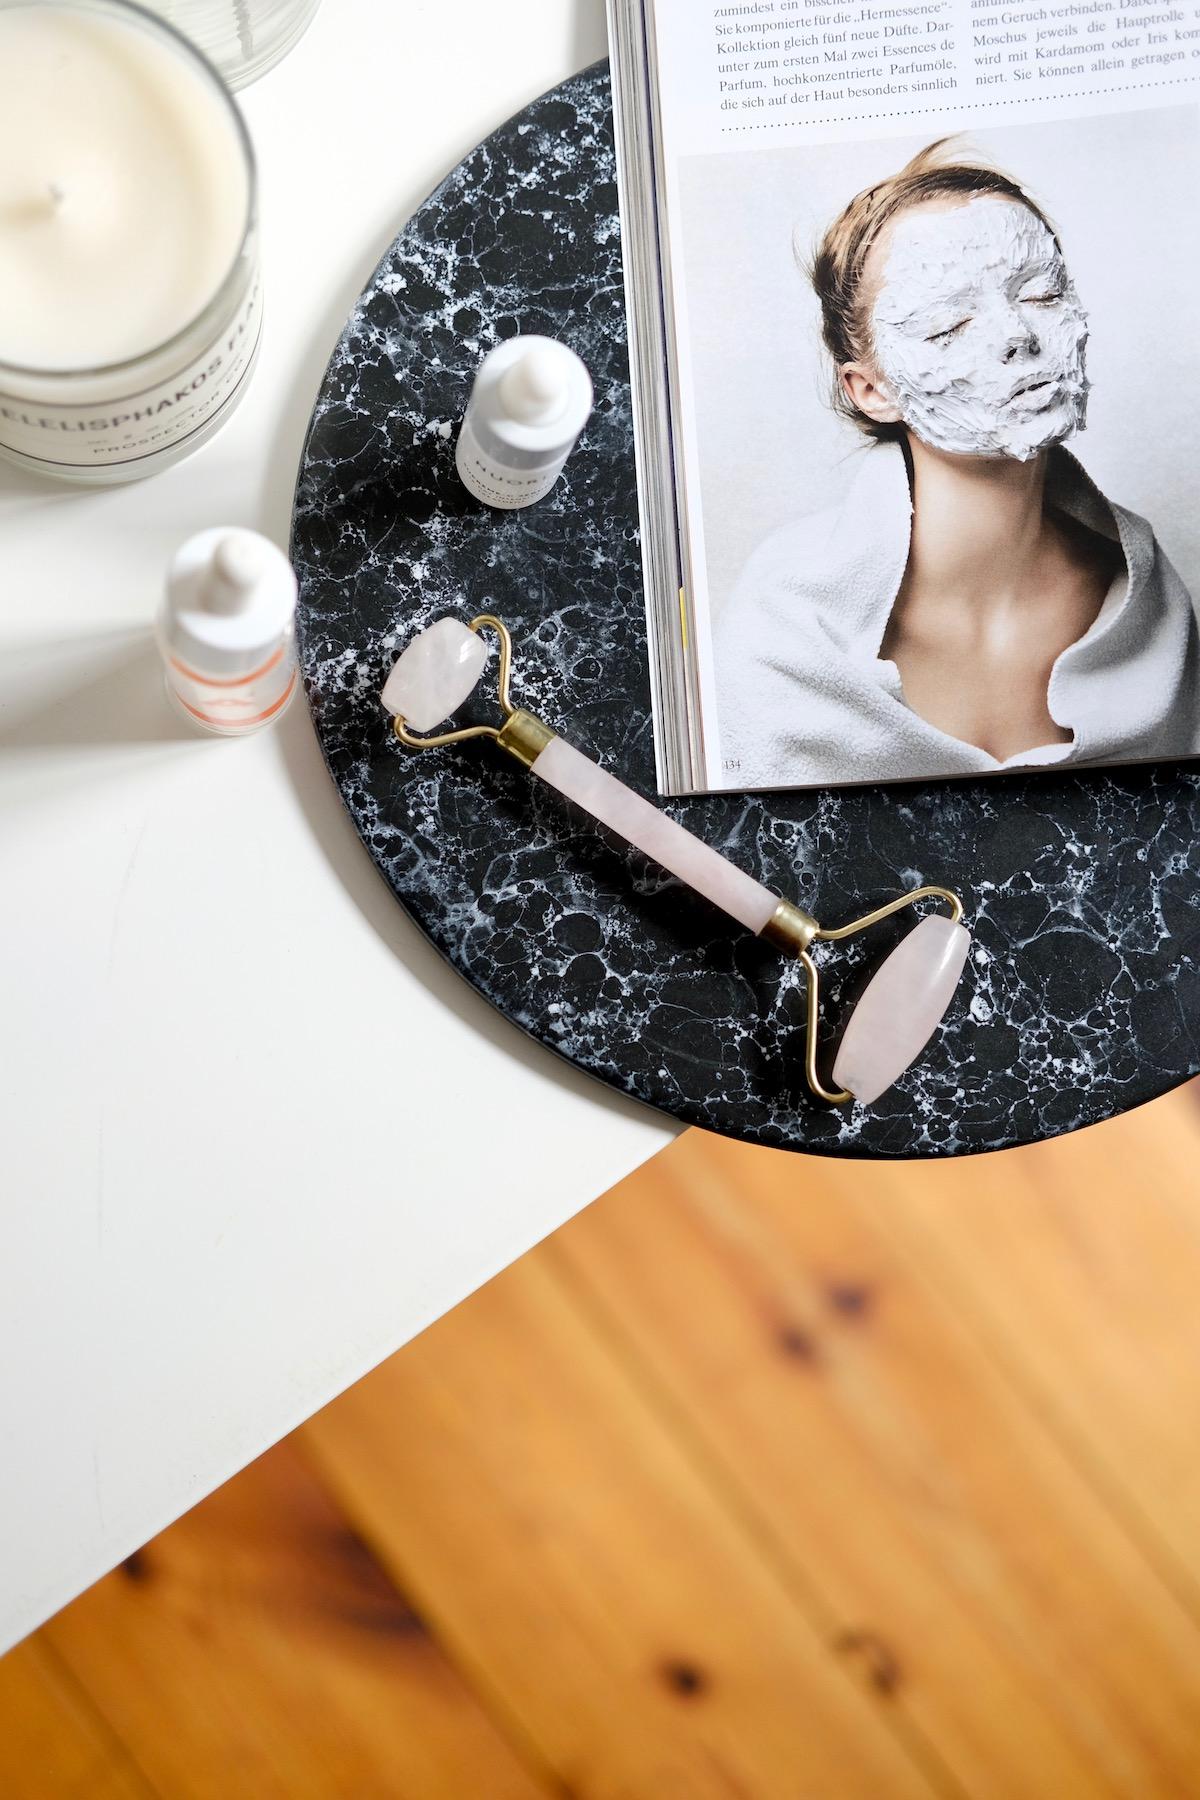 Beautyblog Beautyblogger BARE MINDS Elina Neumann Rosenquarz Roller Anwendung